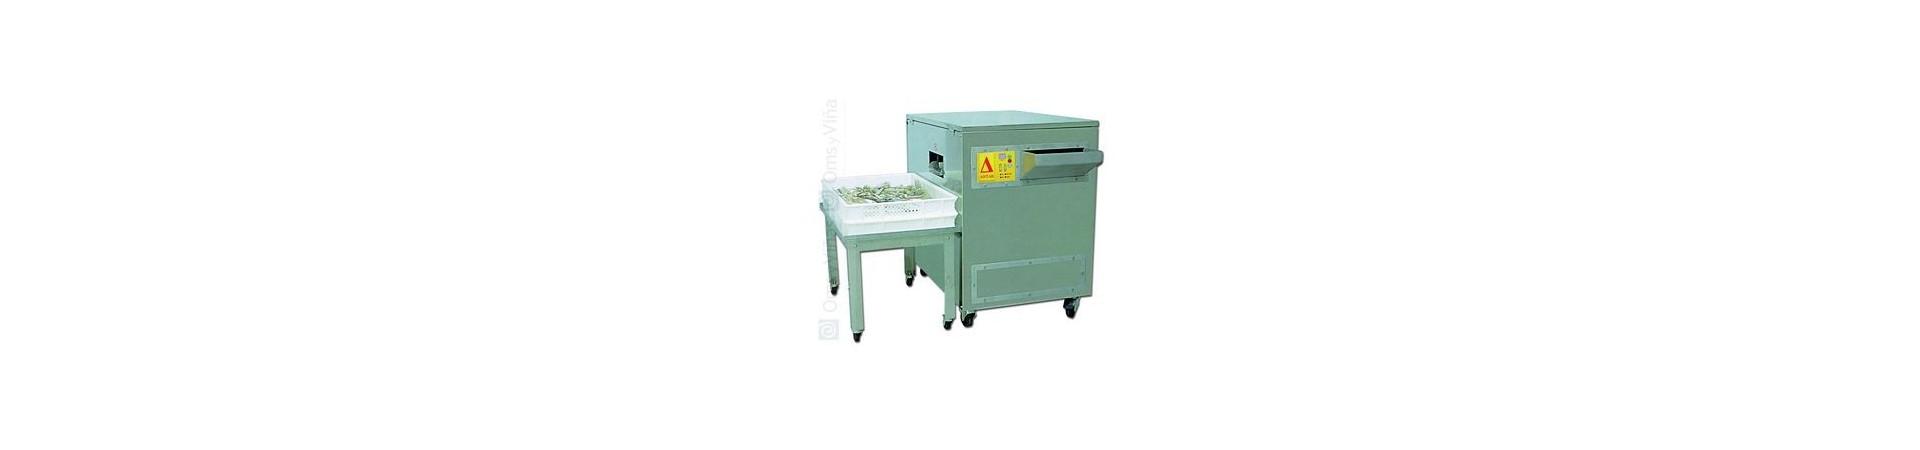 Compra hoy secadoras y abrillantadoras para el secado y abrillantado de los cubiertos y las copas con garantía.